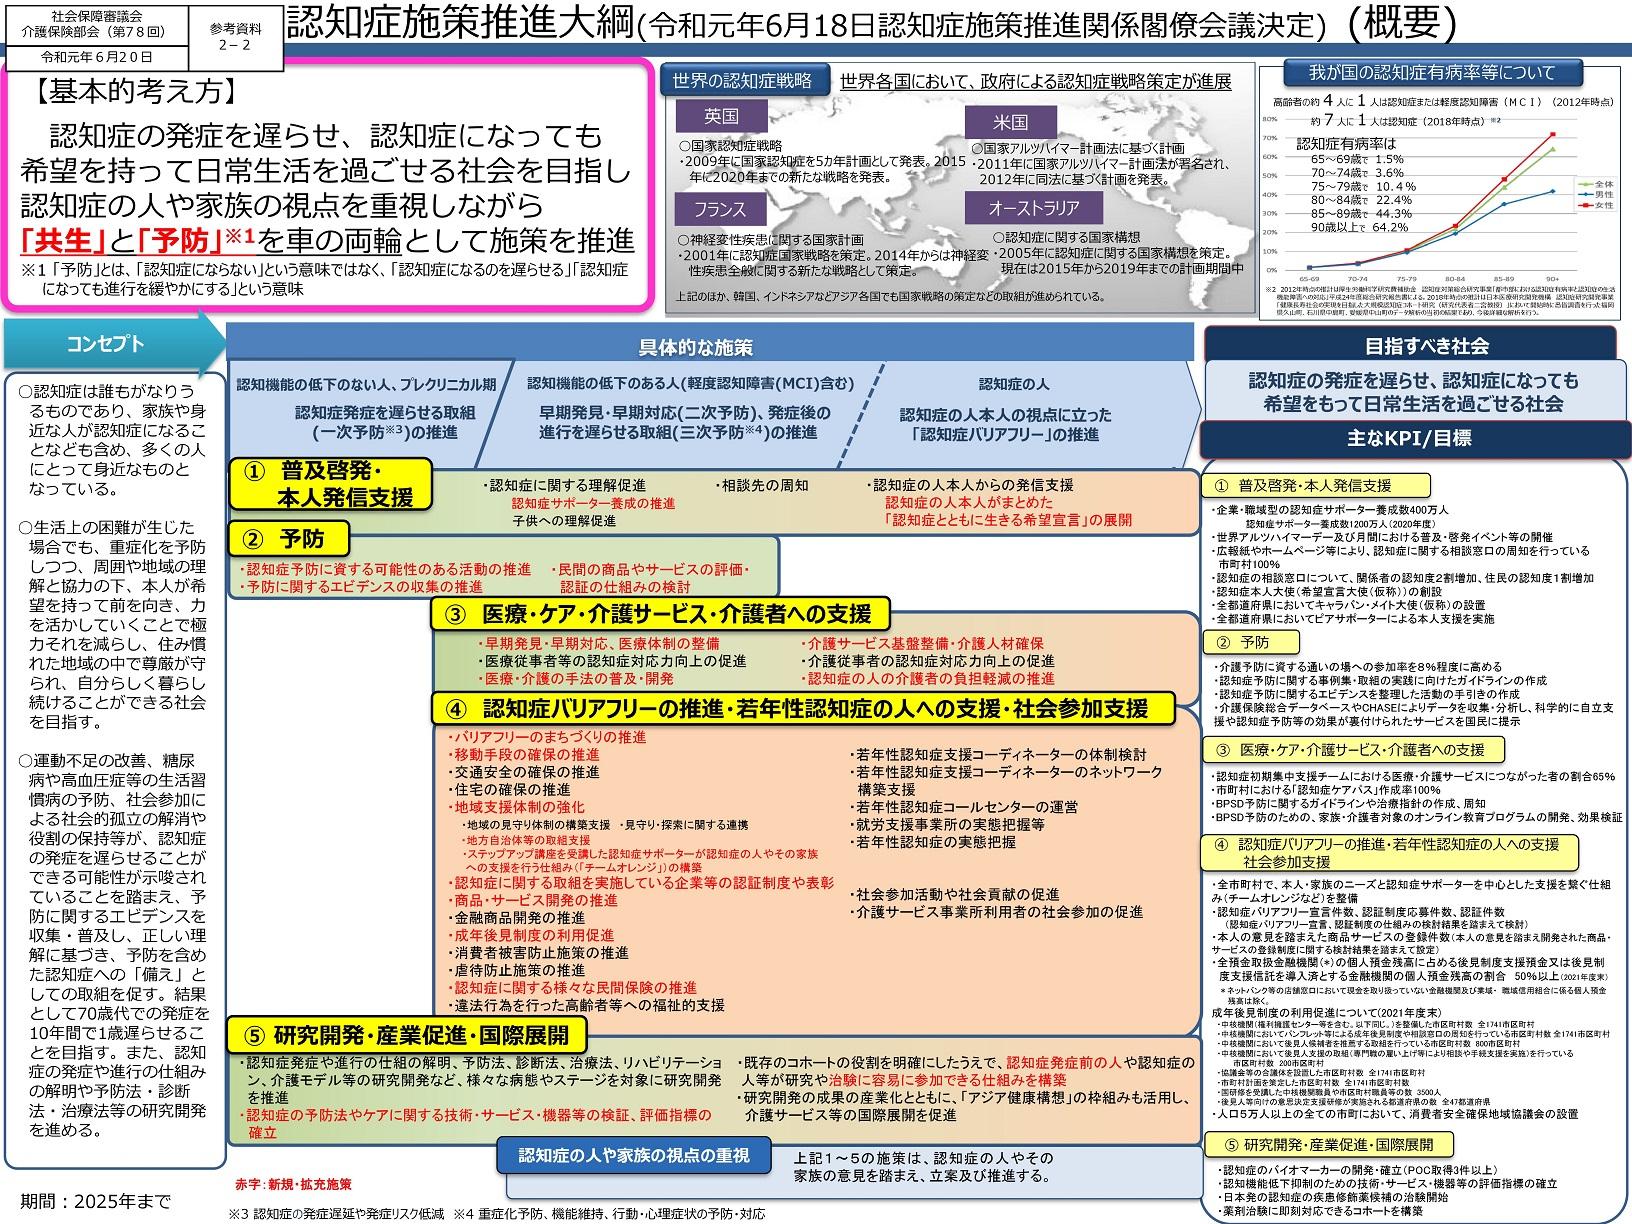 【詳解】第78回社会保障審議会介護保険部会(6月20日)